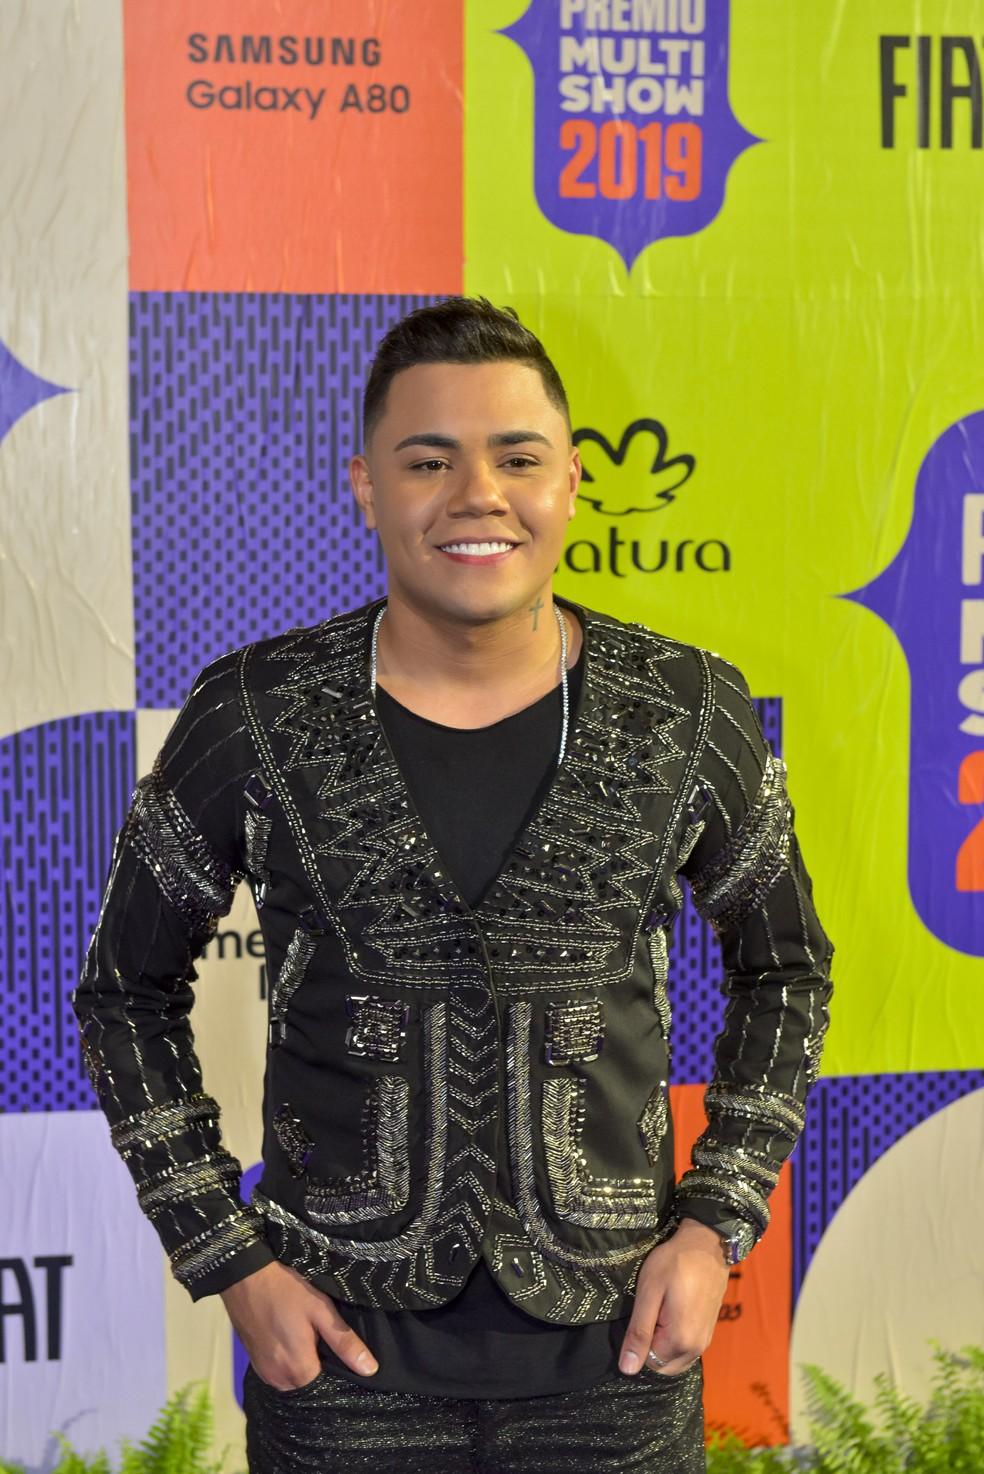 Felipe Araujo apostou no brilho para concorrer em Música do Ano e Música Chiclete do Ano, 'Atrasadinha' — Foto: Fabio Cordeiro/Gshow